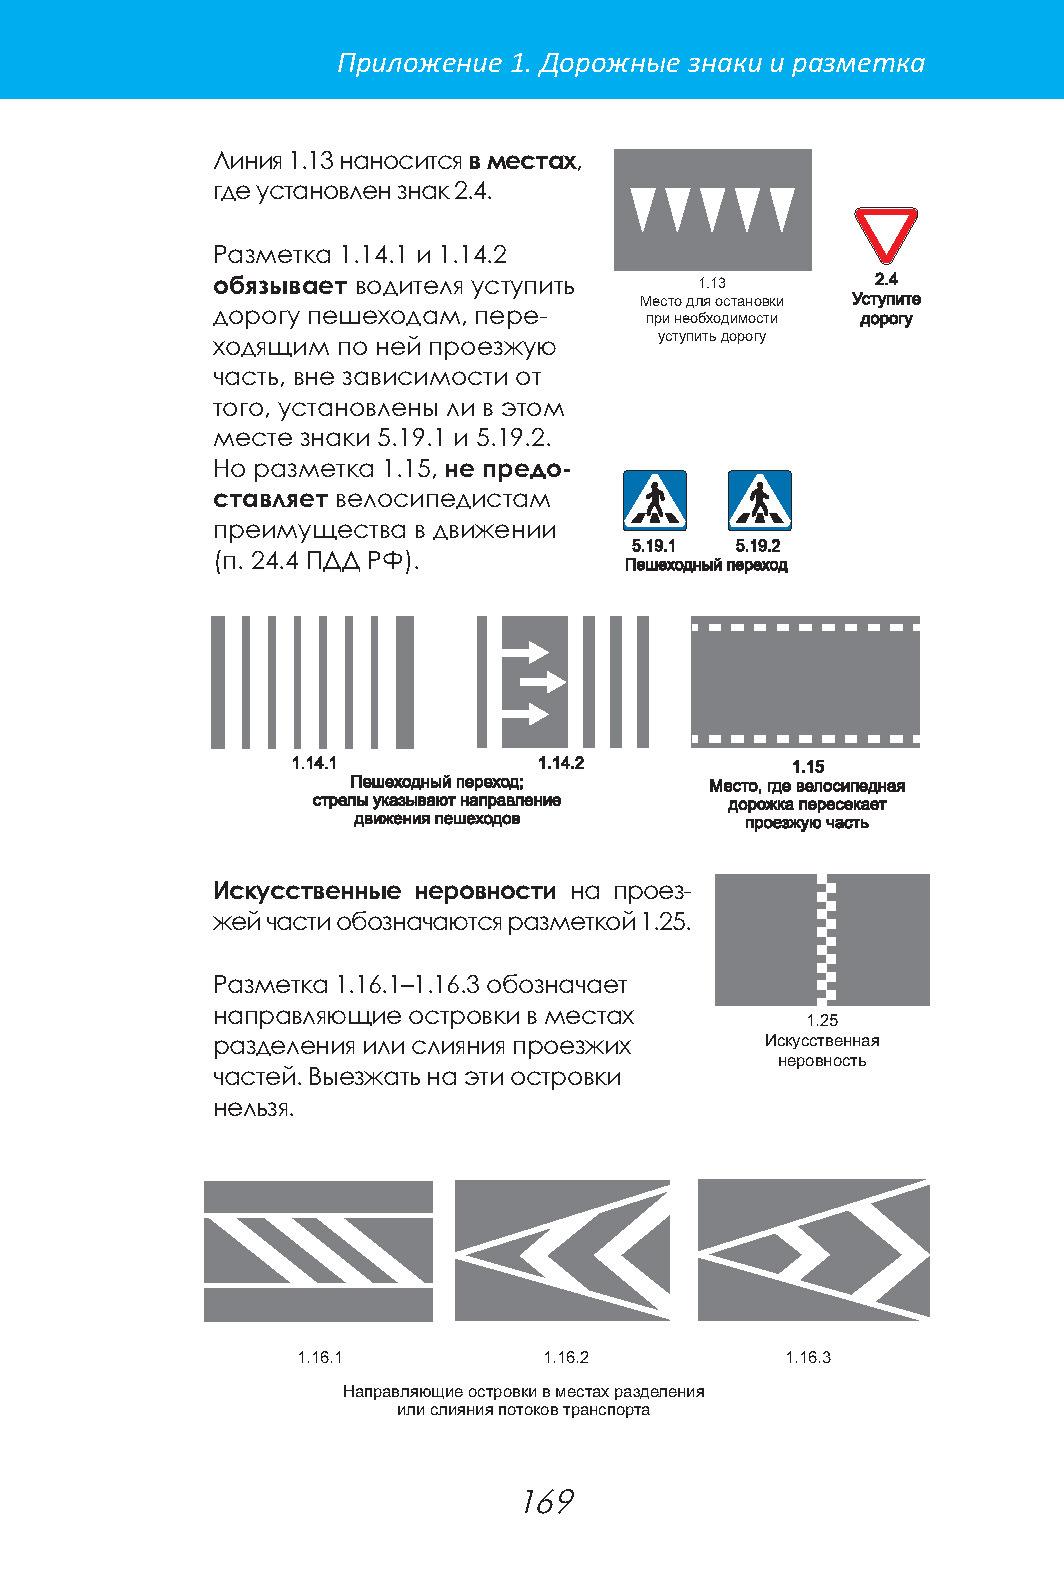 дорожные знаки и разметка в картинках с пояснениями украина